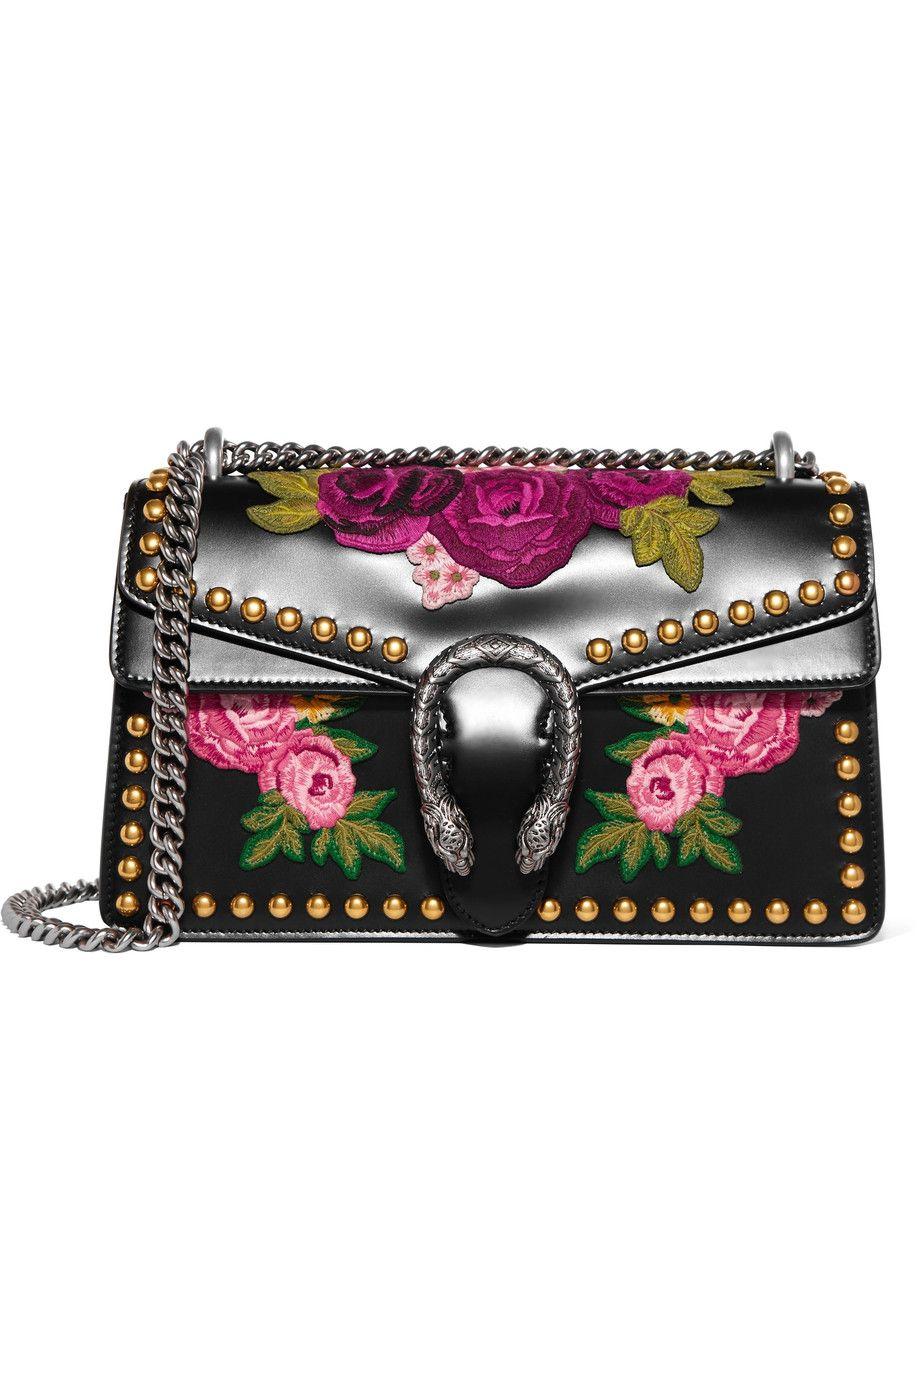 GUCCI Dionysus studded appliquéd leather shoulder bag ...